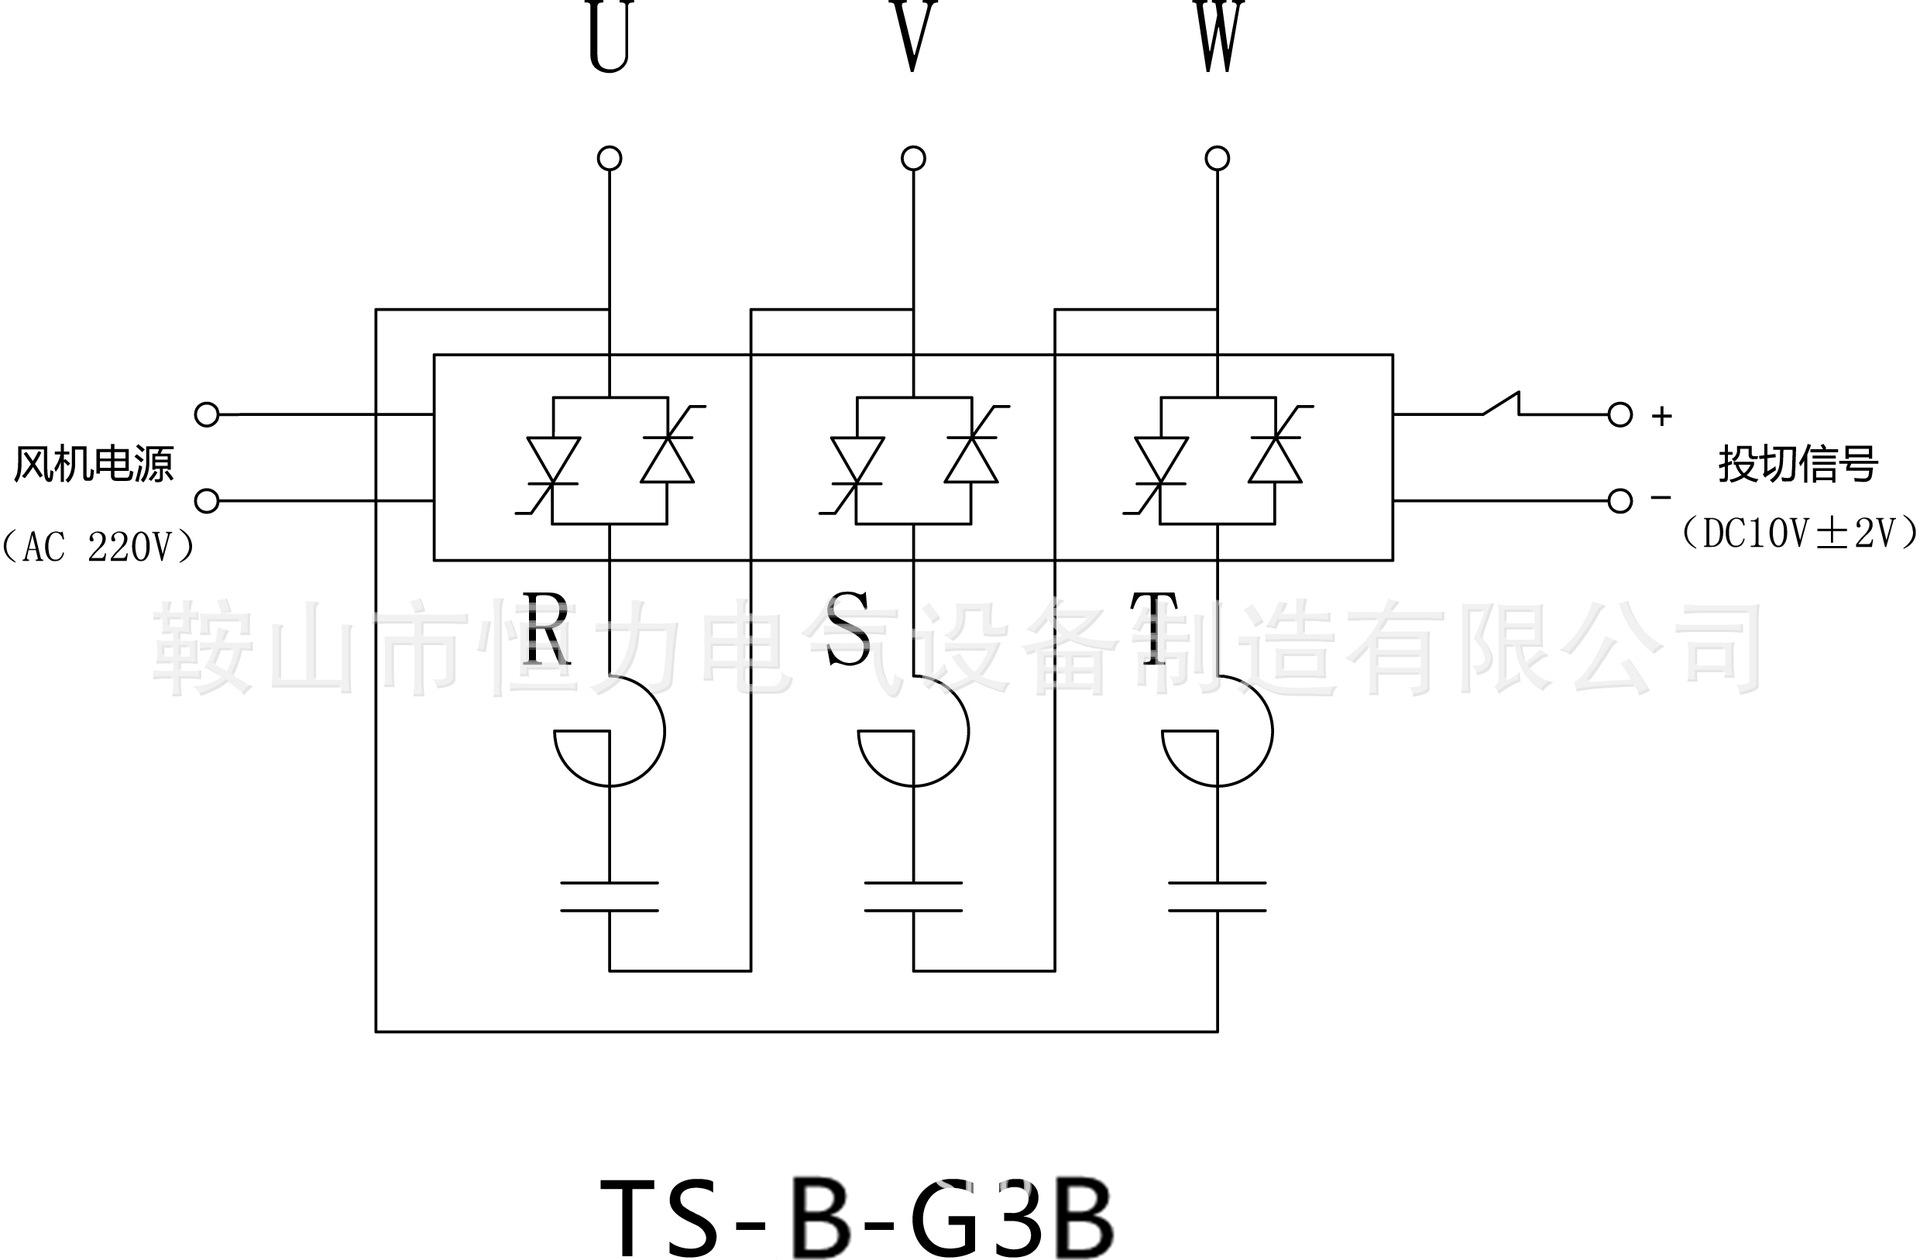 三线制光电开关接线图